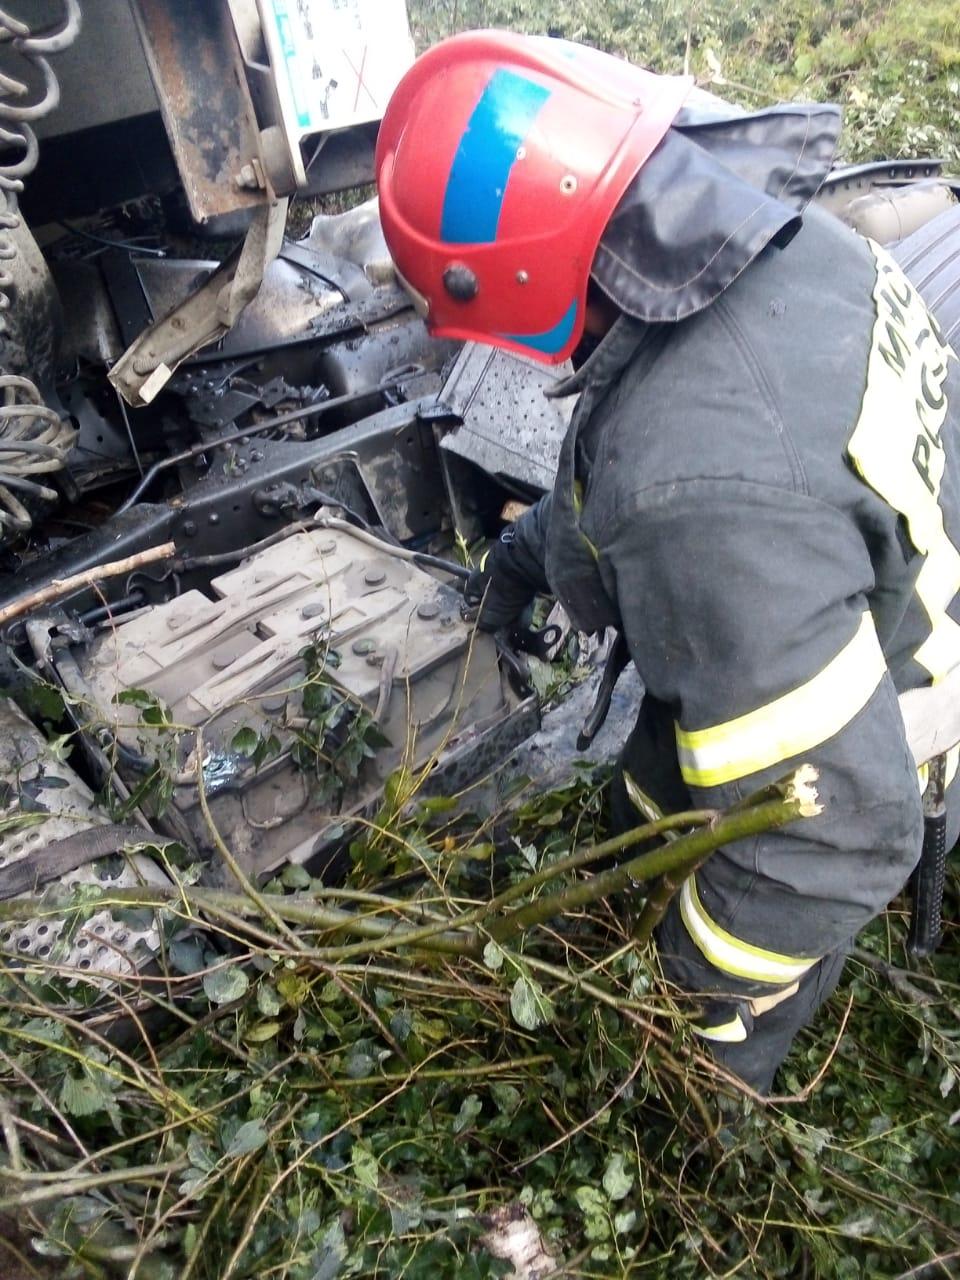 Спасатели МЧС принимали участие в ликвидации ДТП в Тарусском районе, 61 км автодорога «Калуга-Серпухов»